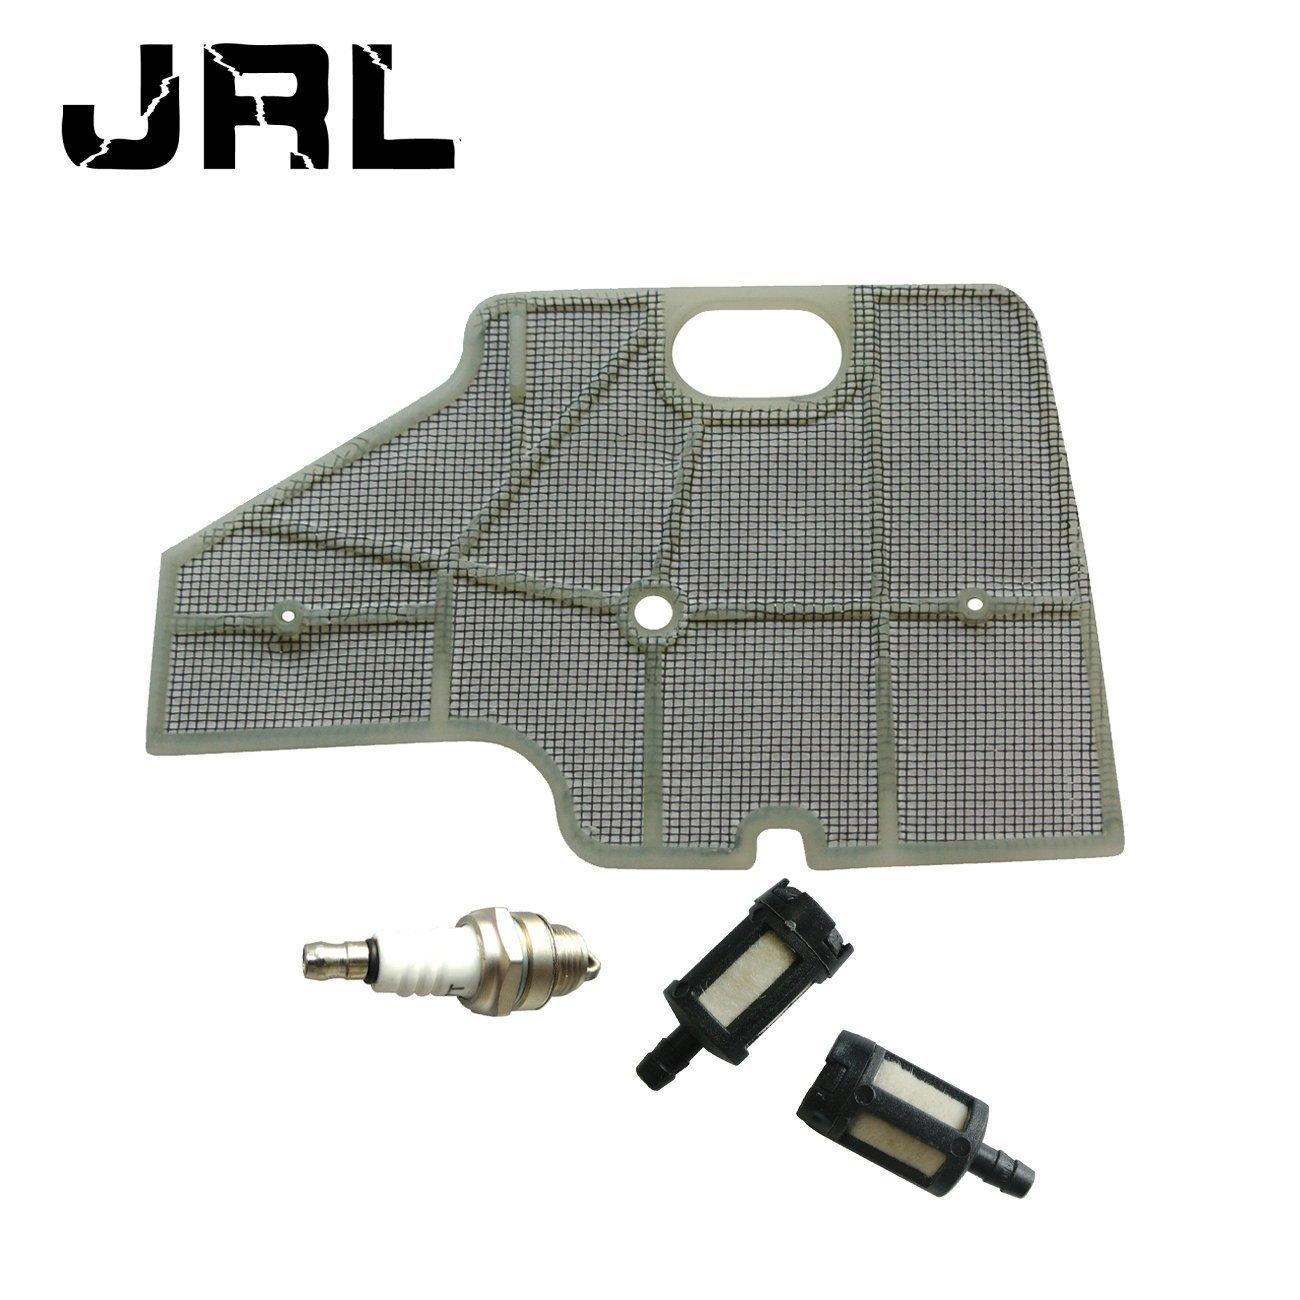 Bujía limpiador de filtro de aire / Filtro de combustible para STIHL (motosierra 070 090 090 AV 090 G)